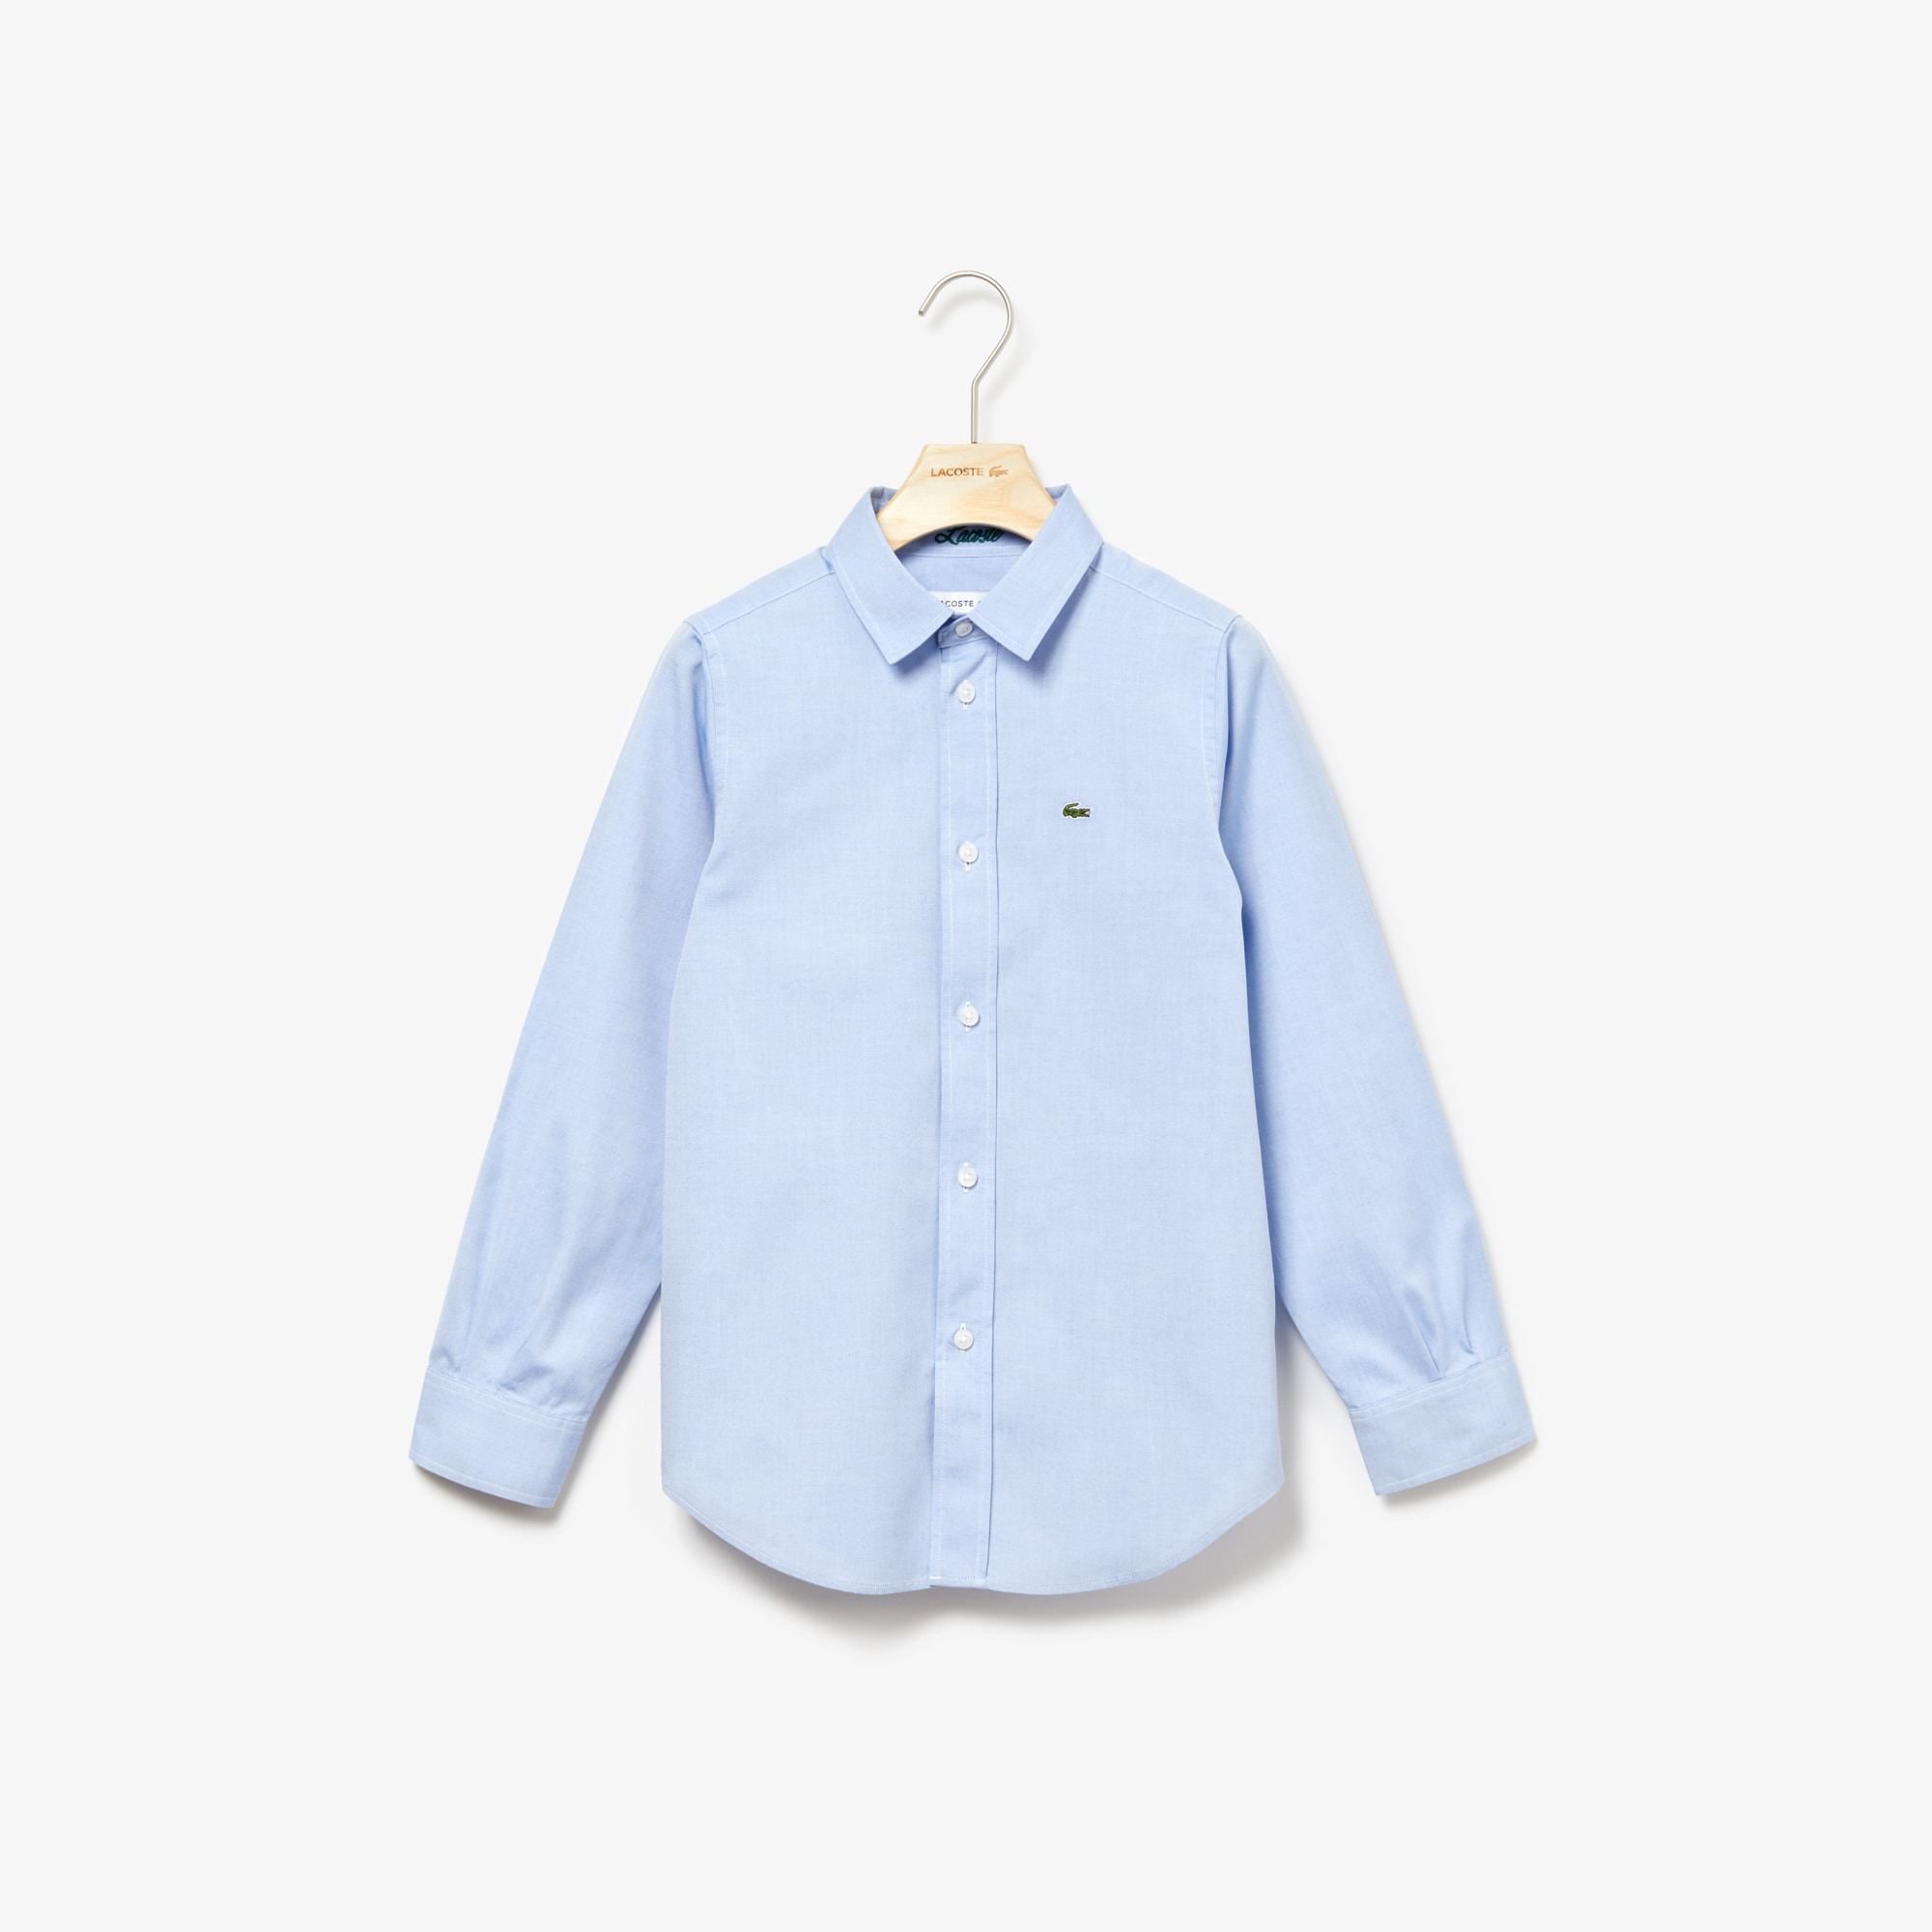 Todas as Camisas   Coleção de Camisas   LACOSTE 89e1b16474